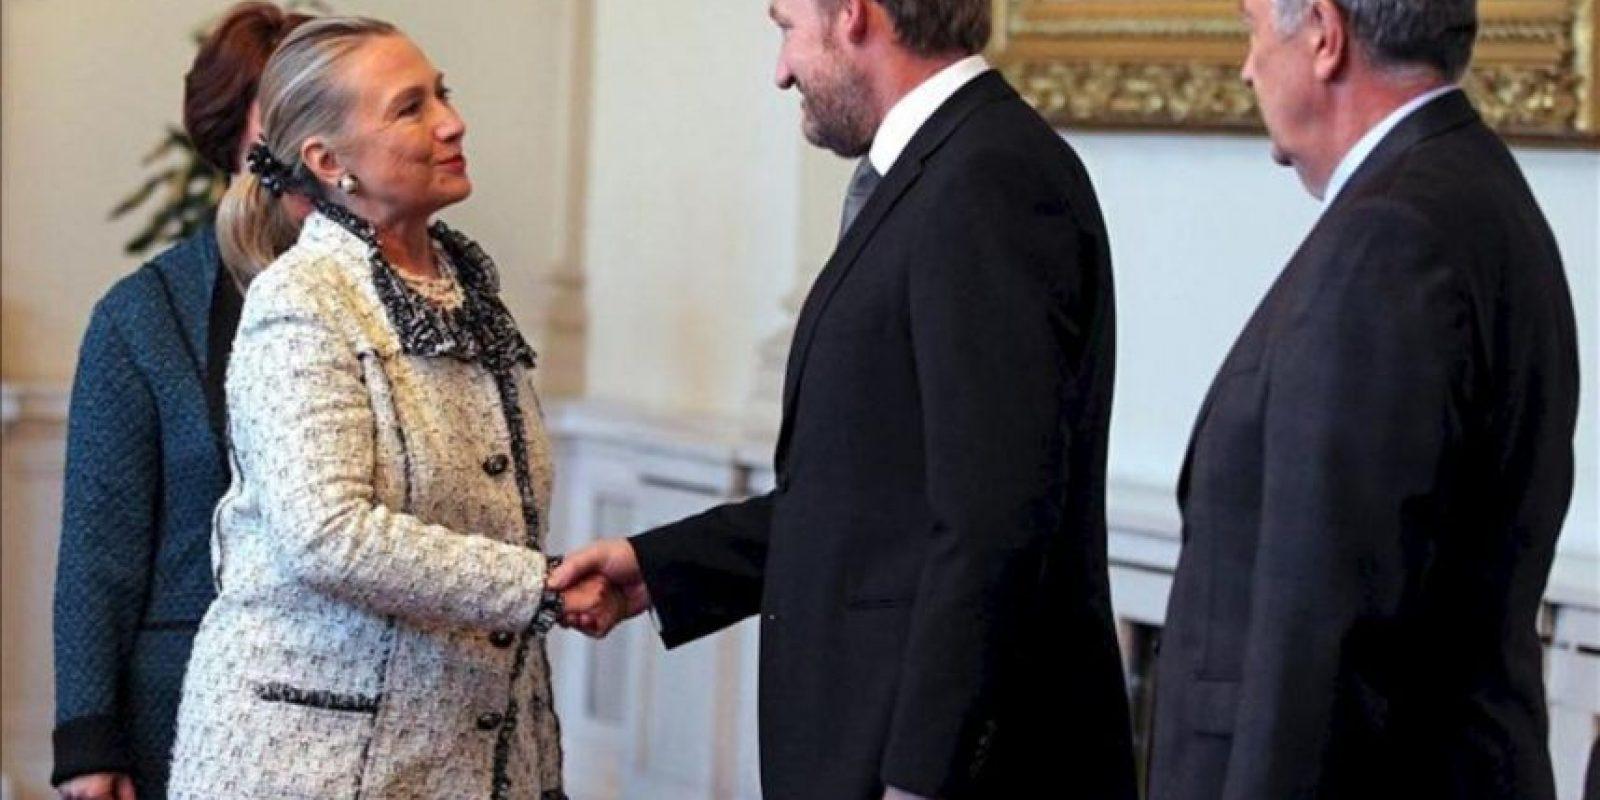 La secretaria de Estado estadounidense, Hillary Clinton (izq), estrecha la mano a dos presidentes de turno de la terna presidencial de Bosnia, el musulmán Bakir Izetbegovic (c) y al serbio Nebojsa Radmanovic (dcha) durante una reunión en Sarajevo (Bosnia-Herzegovina) hoy, martes 30 de octubre de 2012, al inicio de su gira por los Balcanes. En la gira, Clinton visitará Serbia, Kosovo, Croacia y Albania. EFE